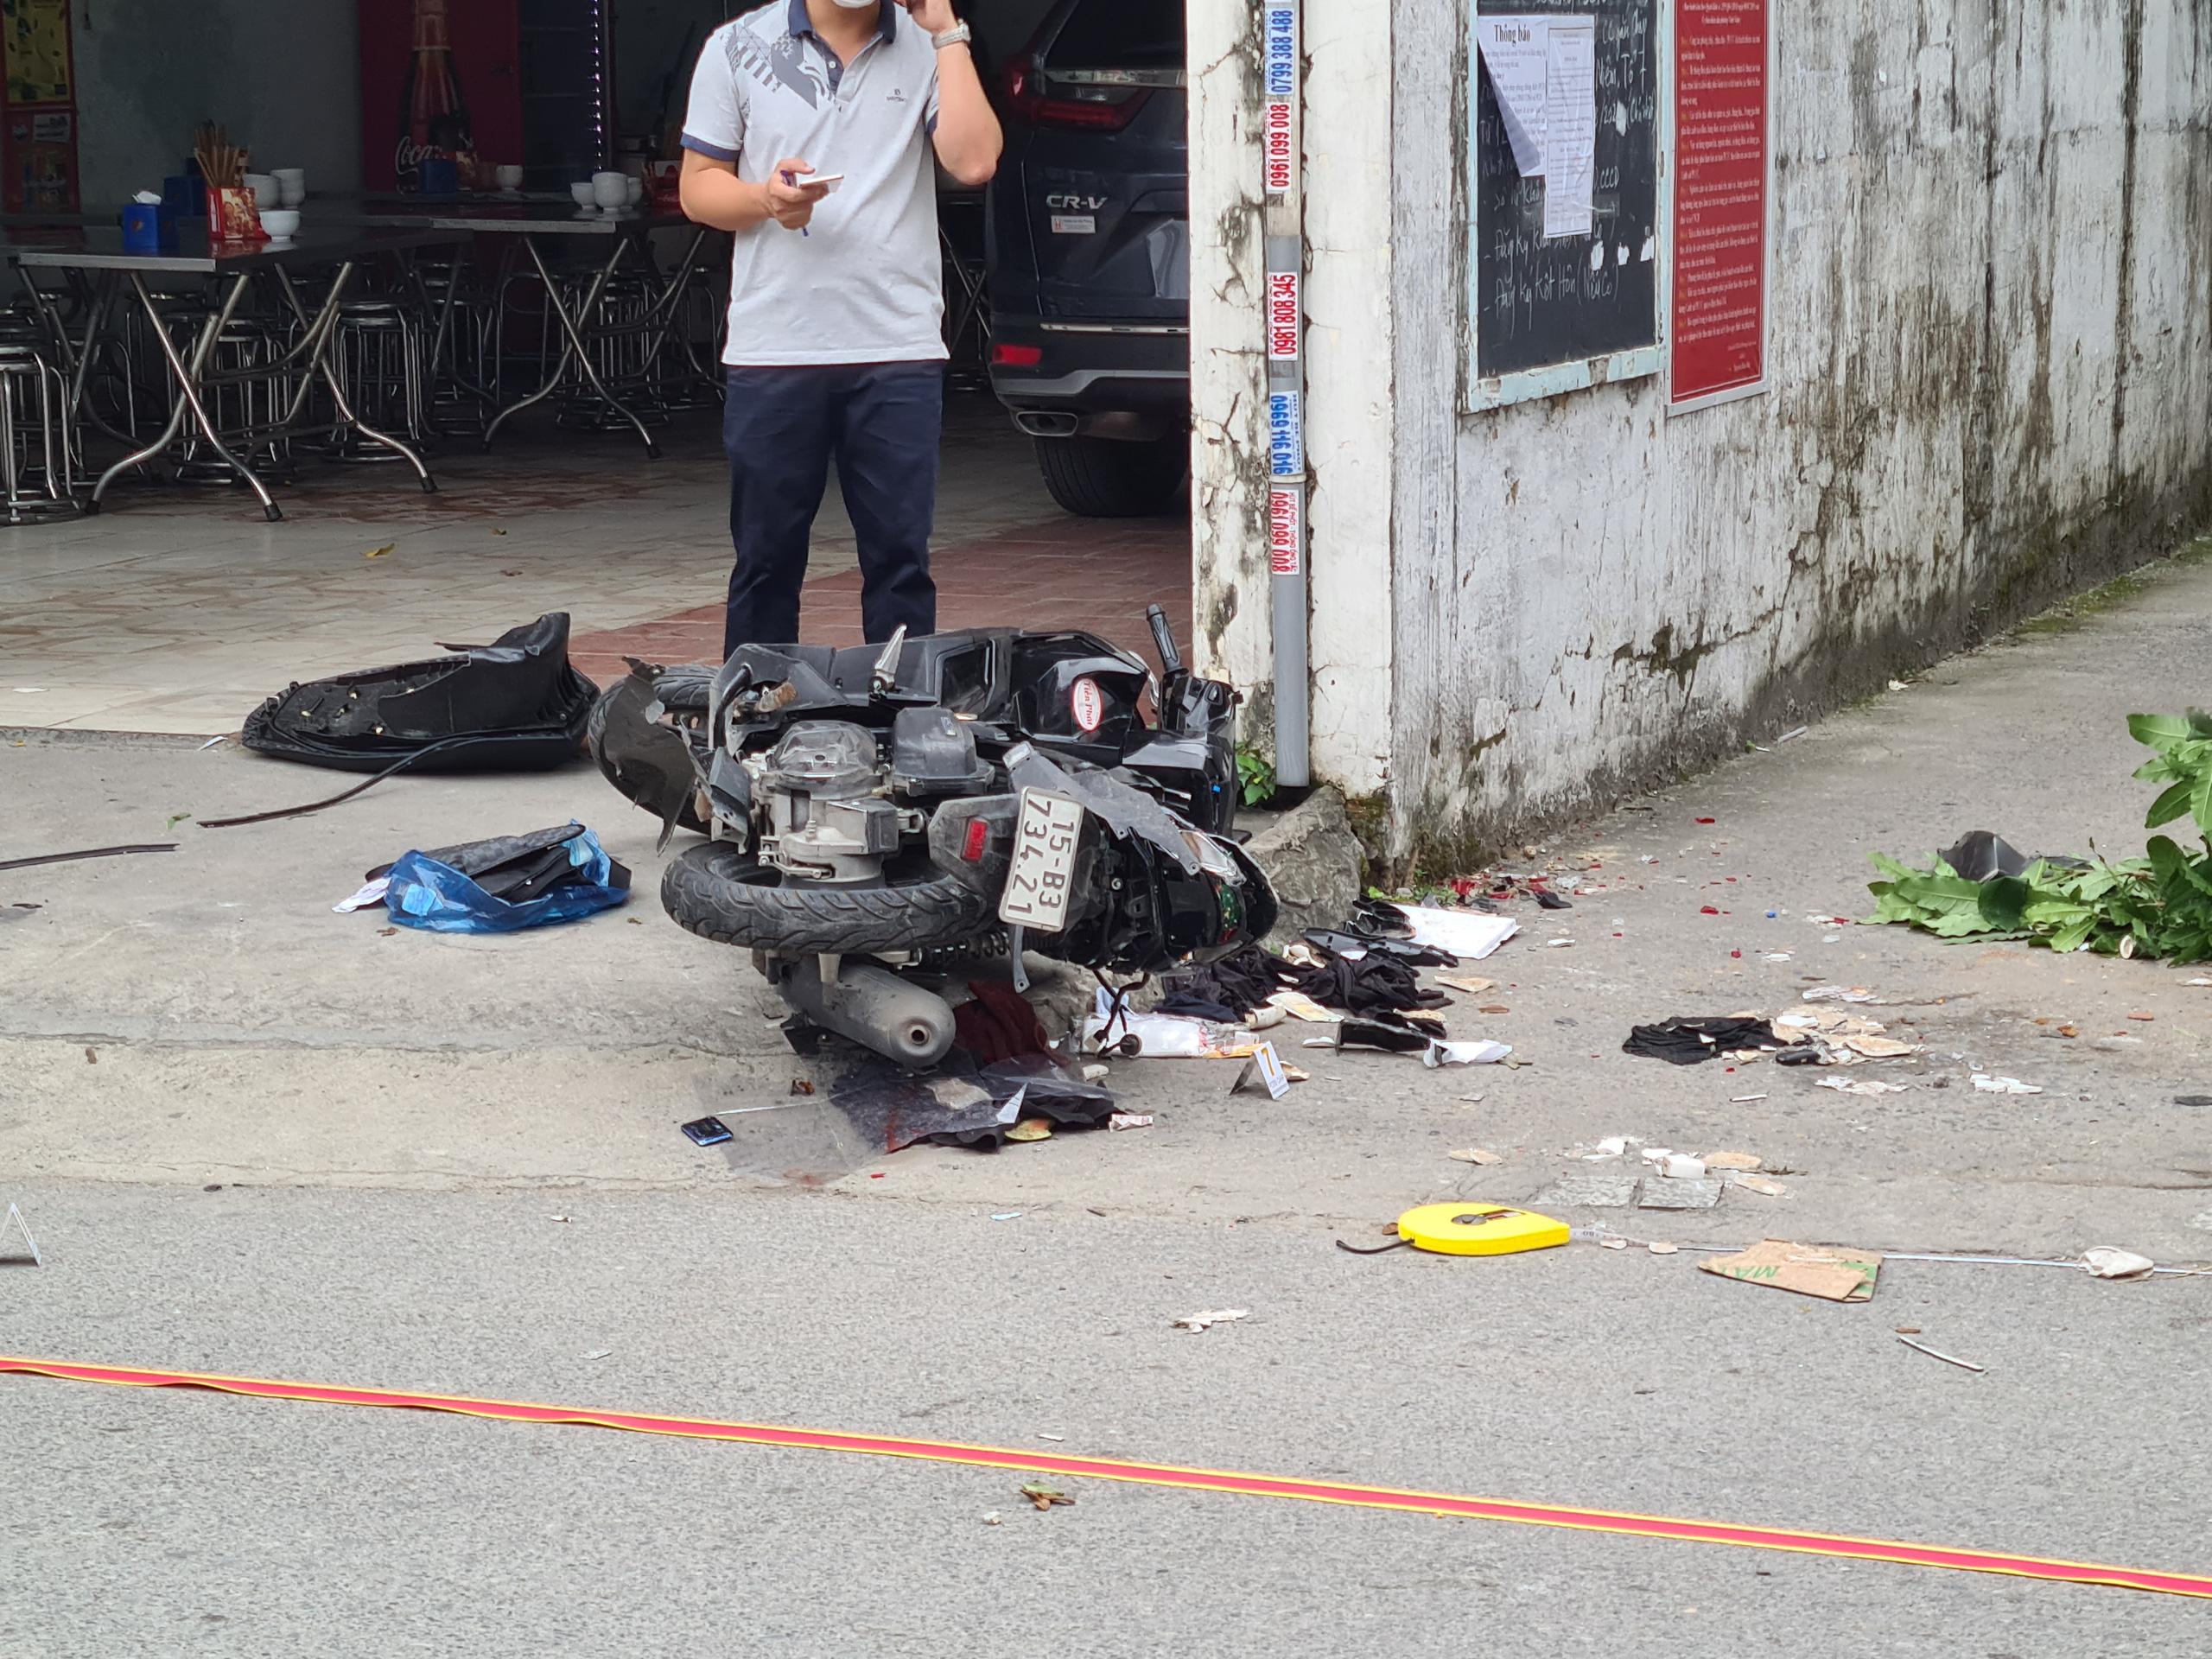 Hải Phòng: Nghi án ô tô truy đuổi xe máy khiến 2 người thiệt mạng - Ảnh 1.